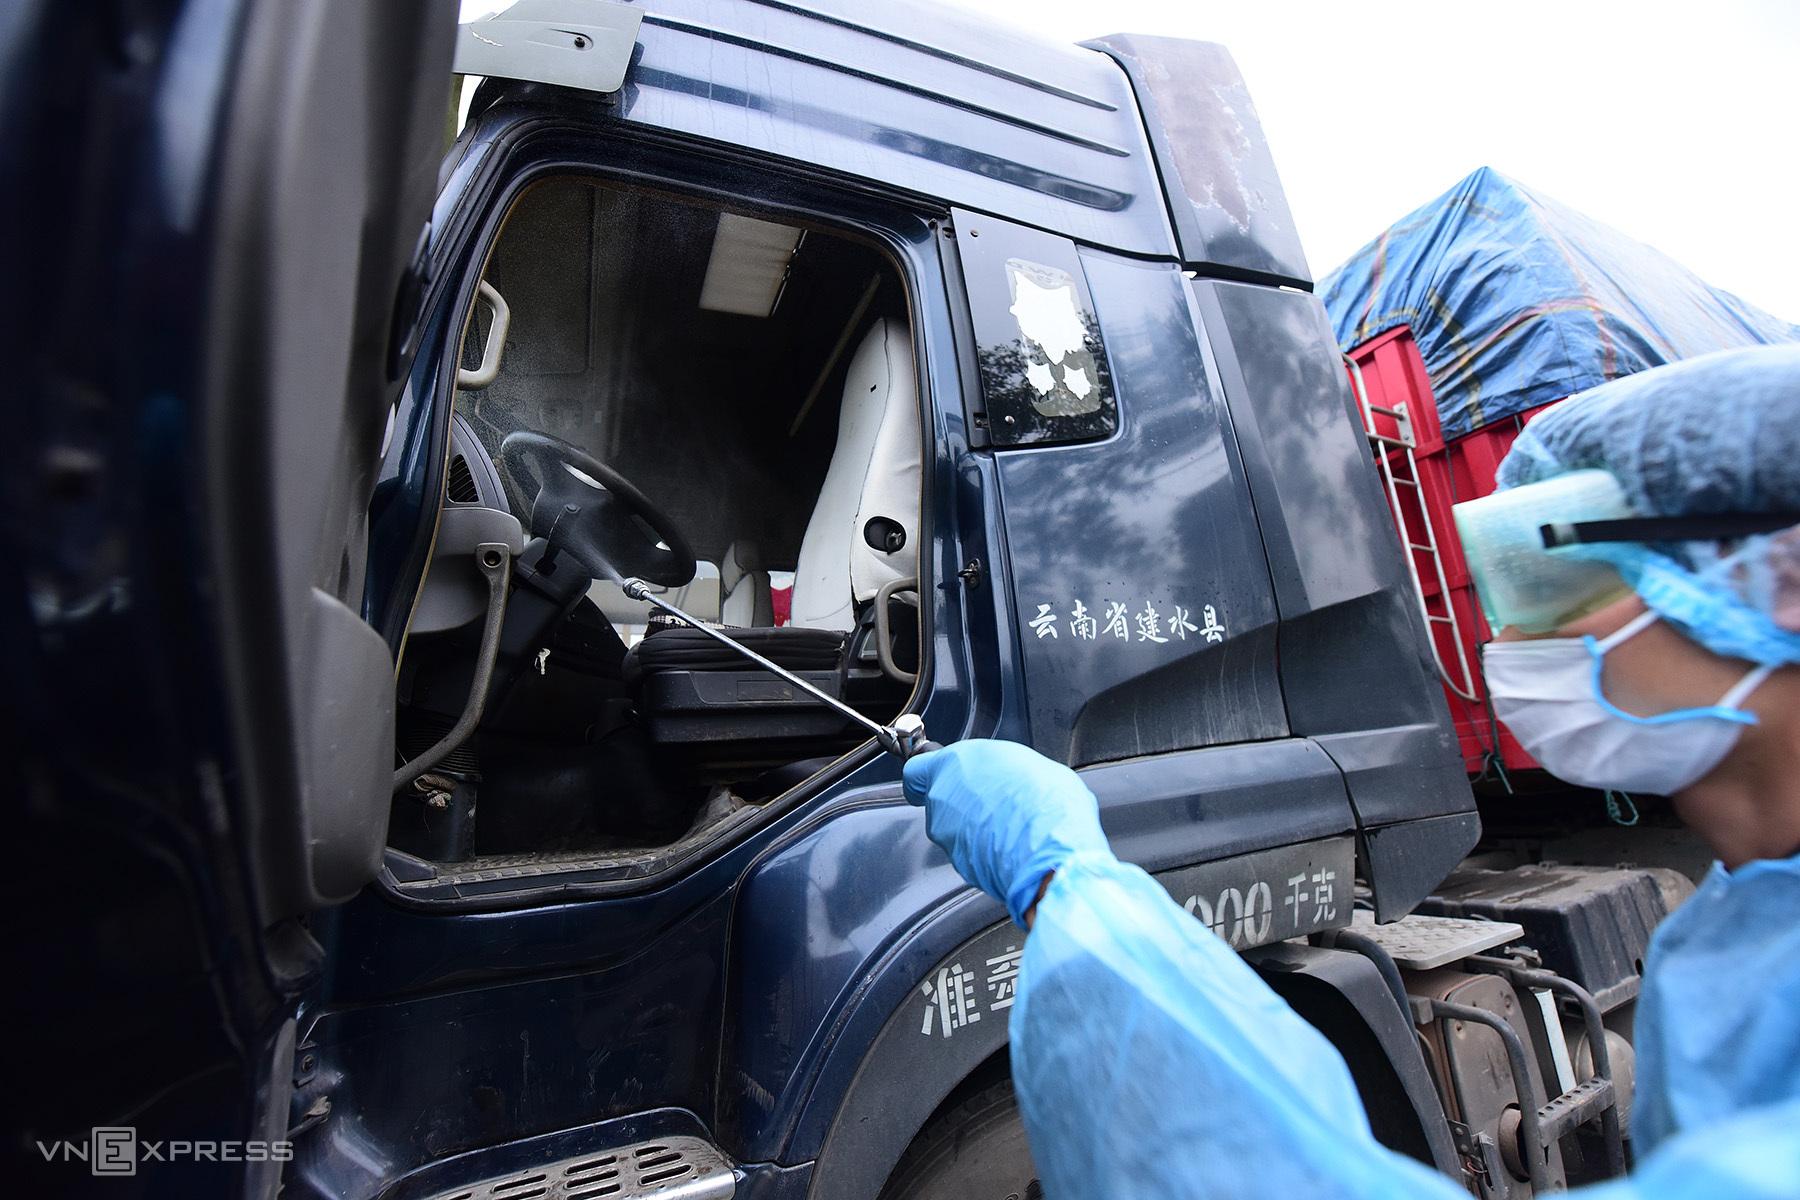 Khử khuẩn phòng Covid-19 với xe vận chuyển hàng qua vùng dịch, cửa khẩu. Ảnh: Giang Huy